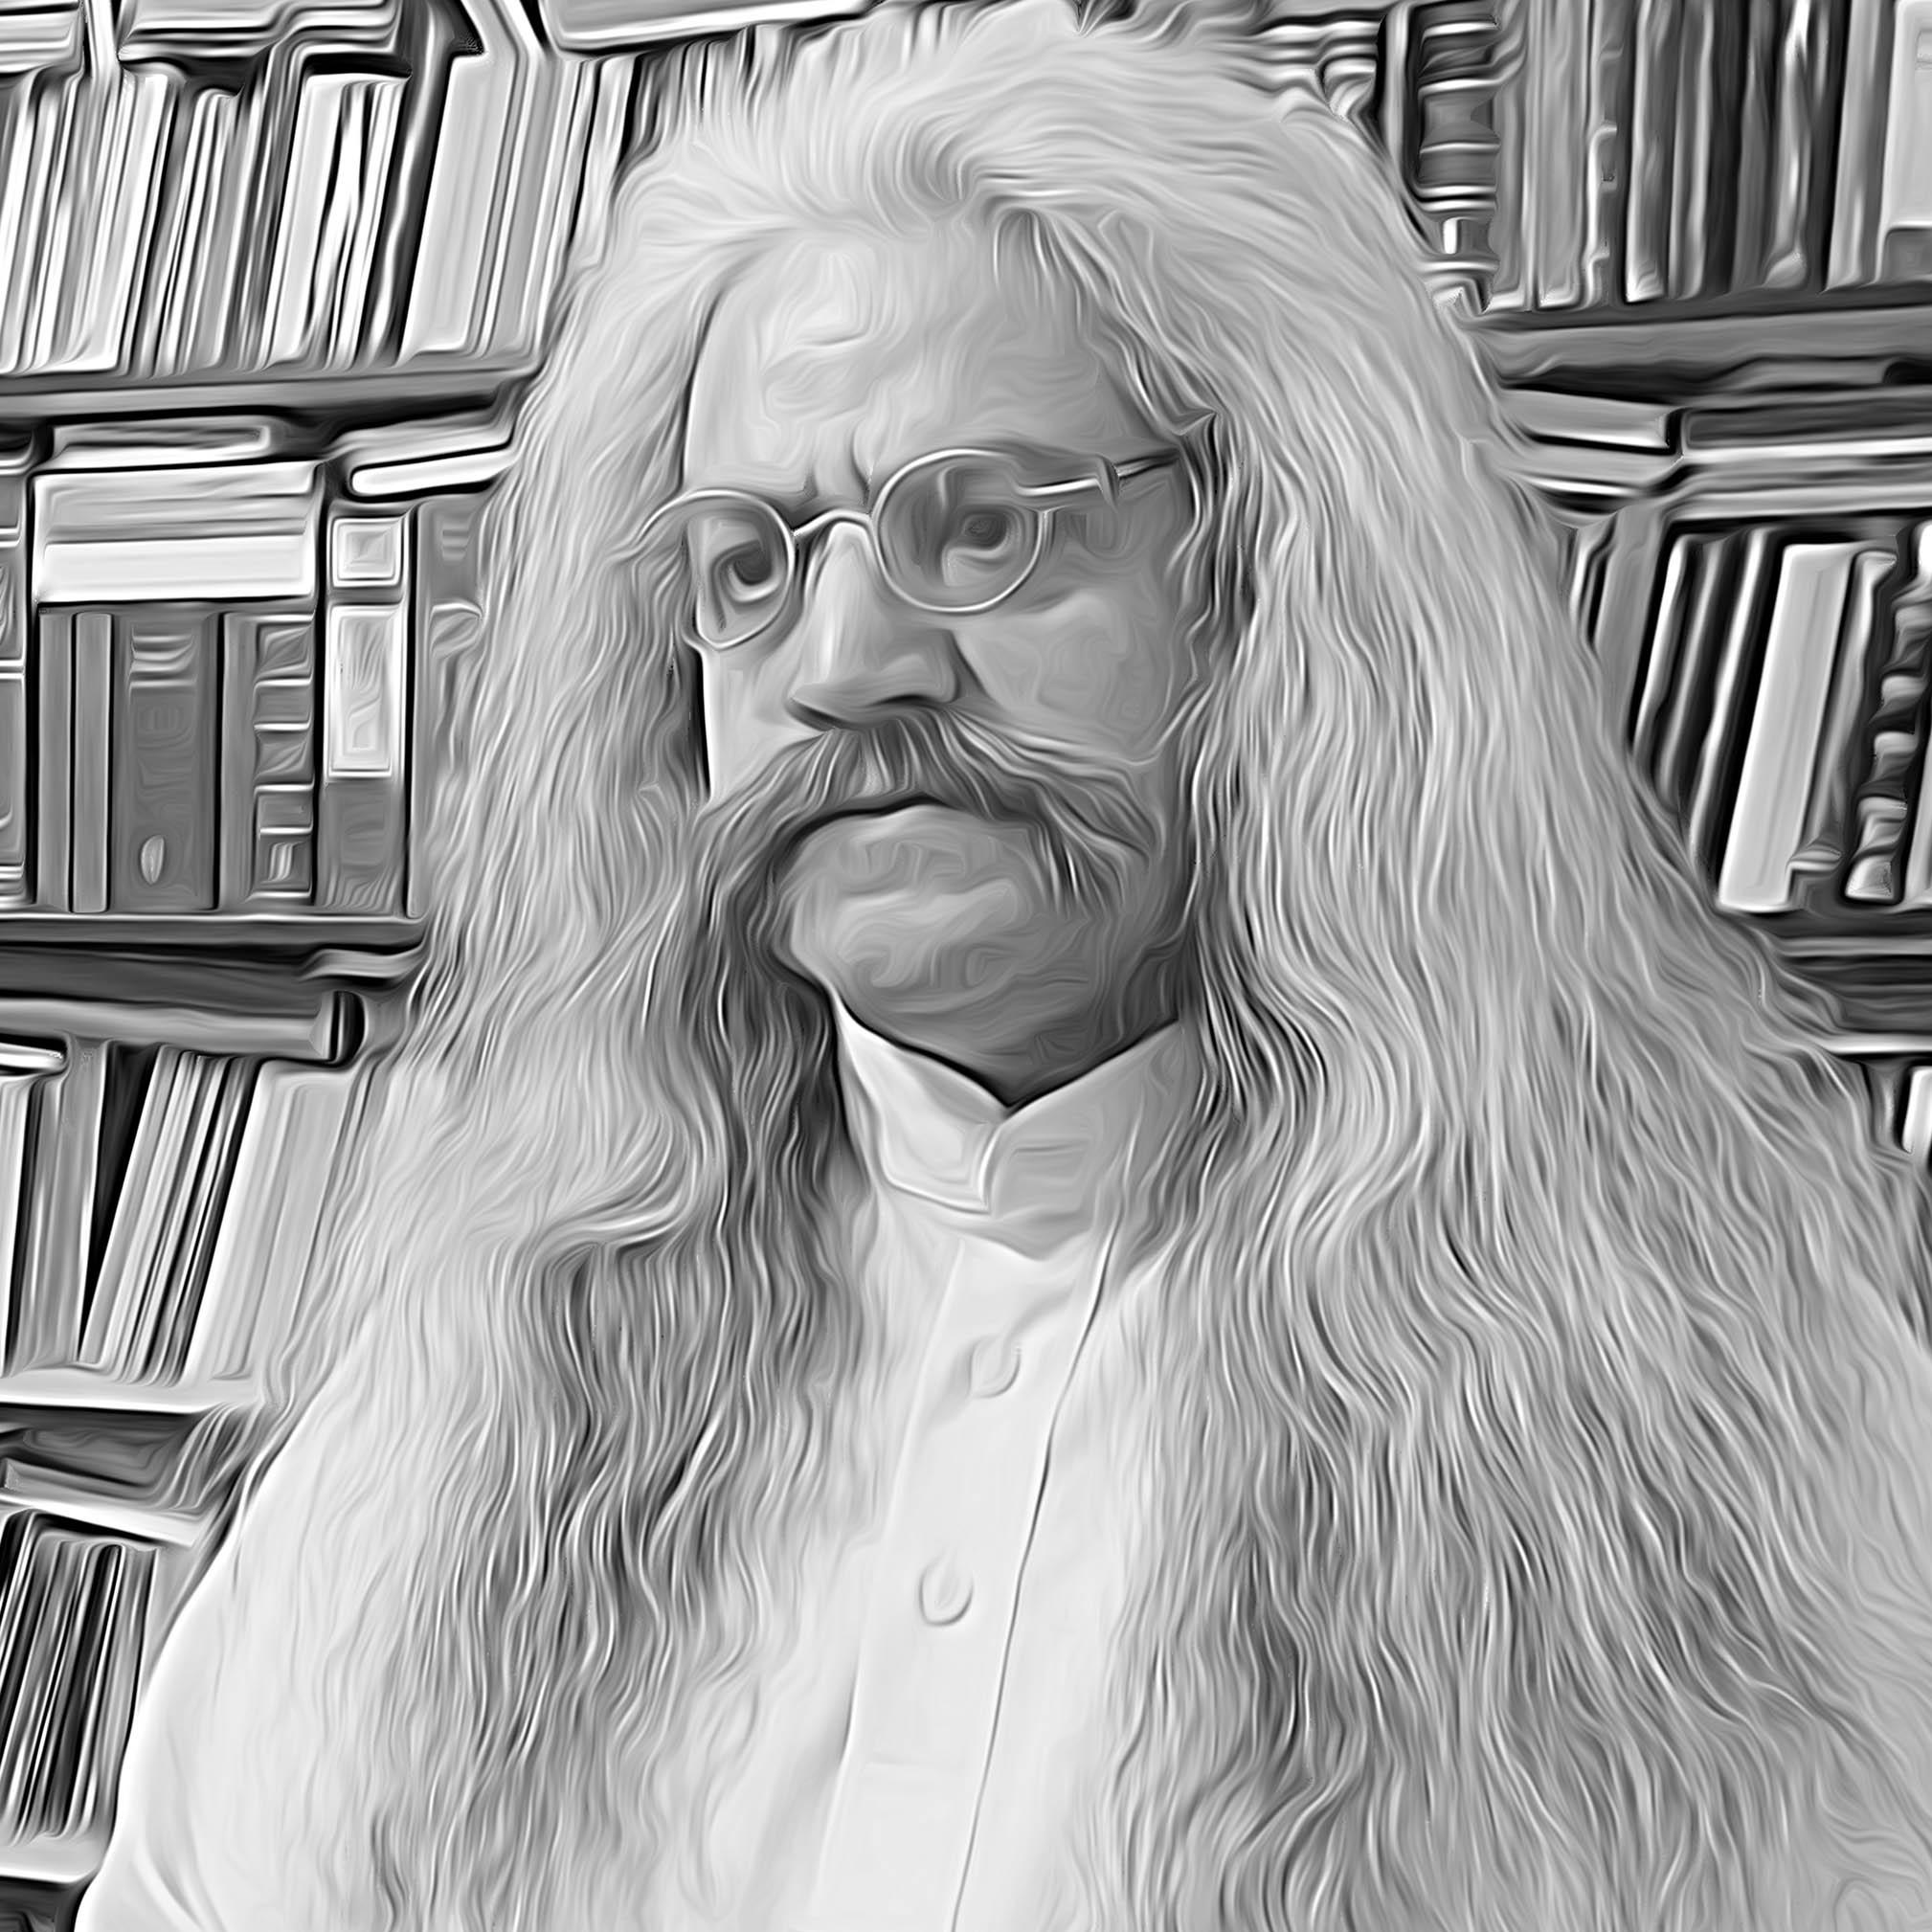 اردیسم، حکمت اردیسم، اندیشه ارد بزرگ، حکیم ارد بزرگ، orodism، پدر فلسفه اردیسم، حکیم و فیلسوف ایرانی، استاد ارد بزرگ، سخنان فلاسفه بزرگ، بزرگترین اندیشمند جهان